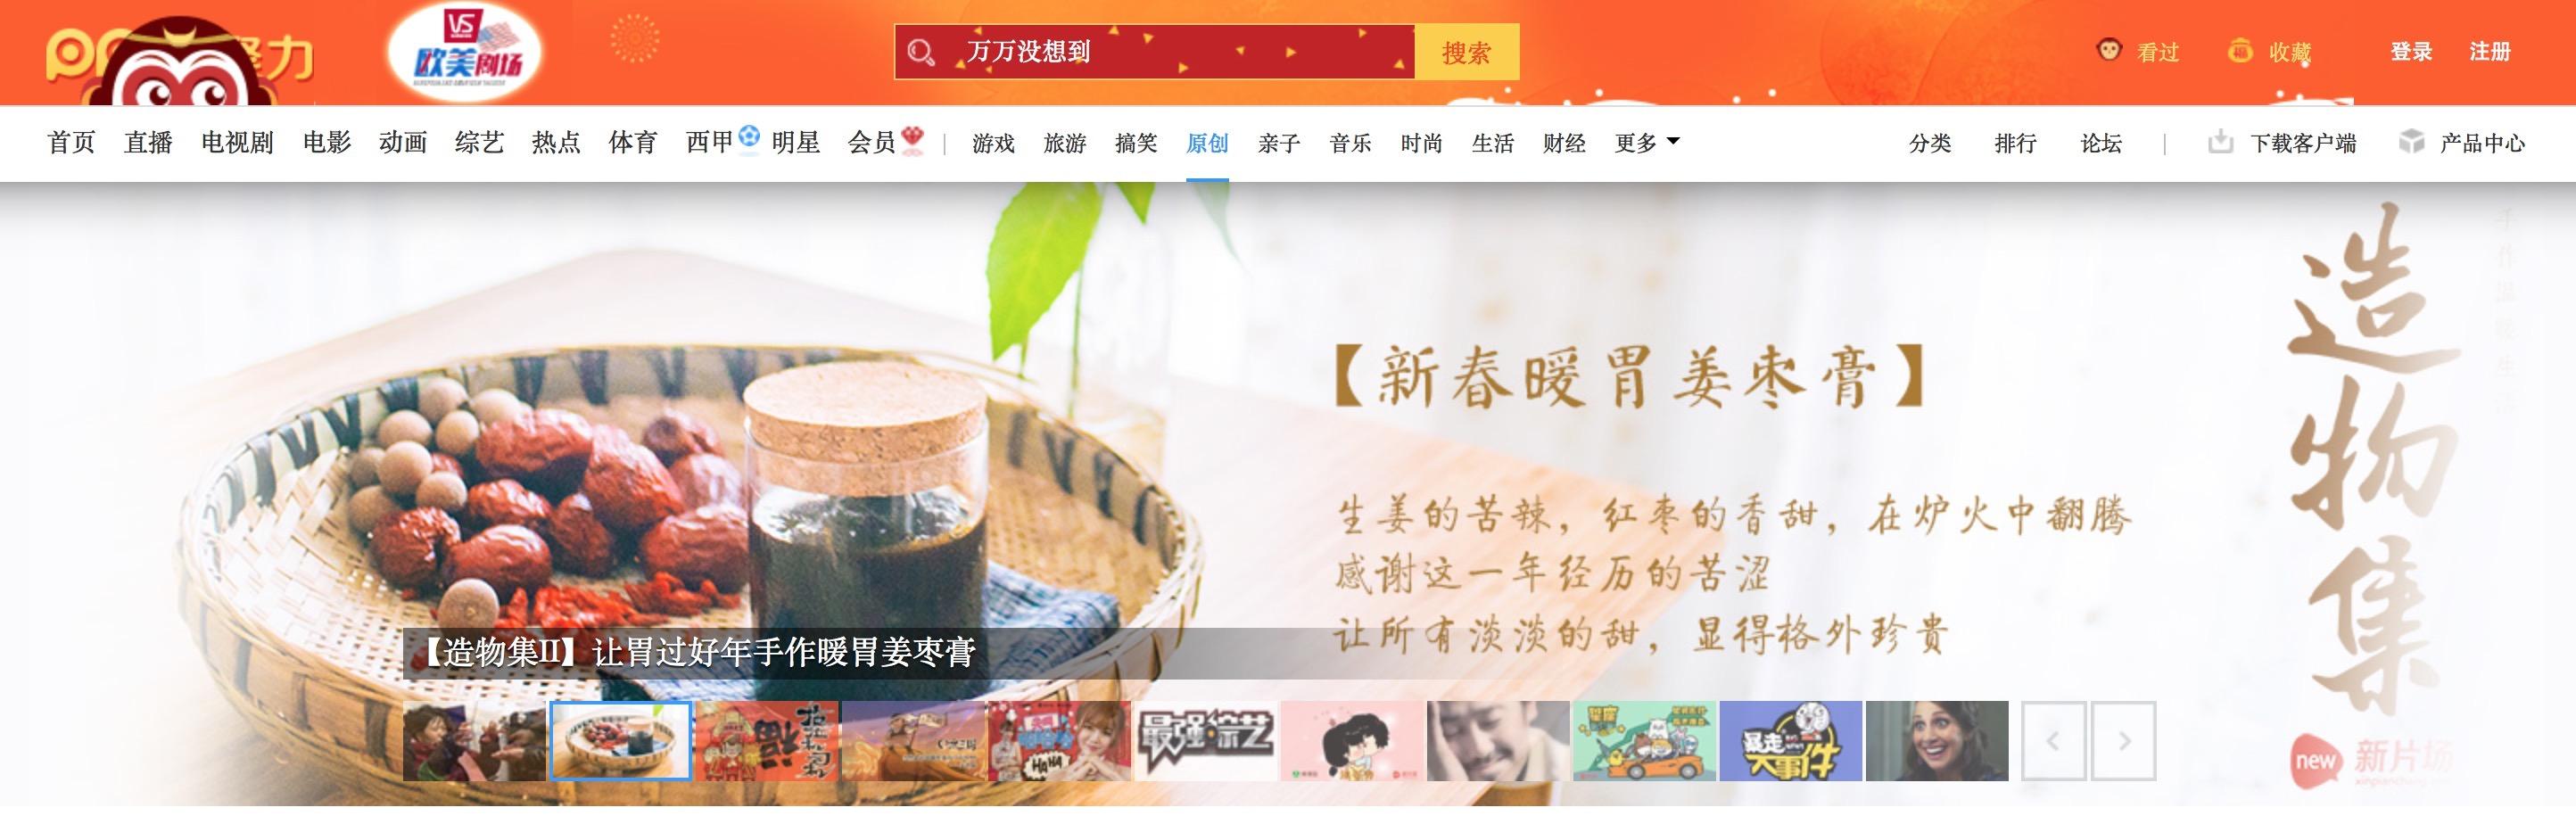 PPTV原创频道首页banner